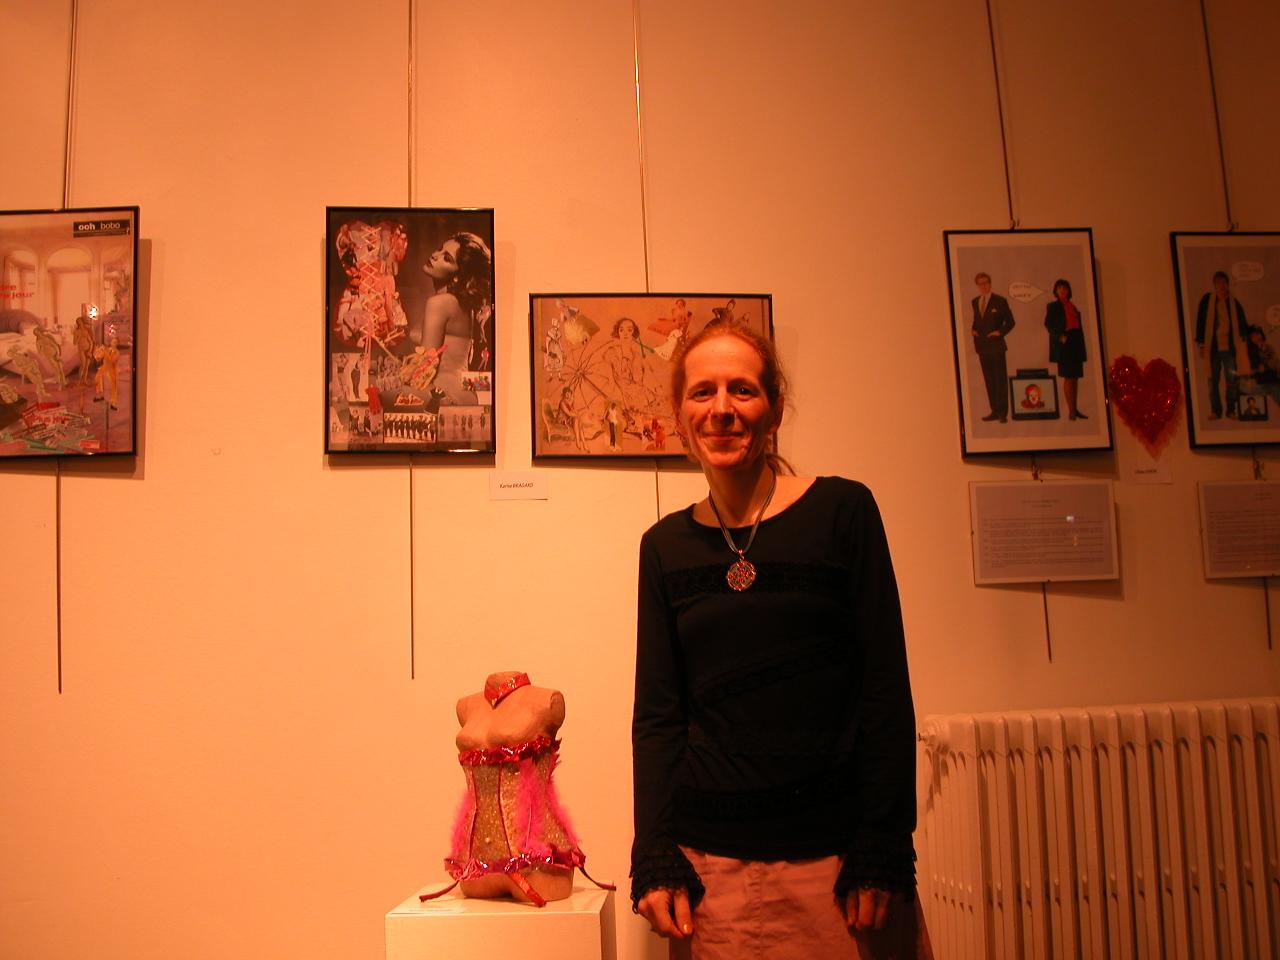 Karine vous présente son buste habillé + 2 tableaux